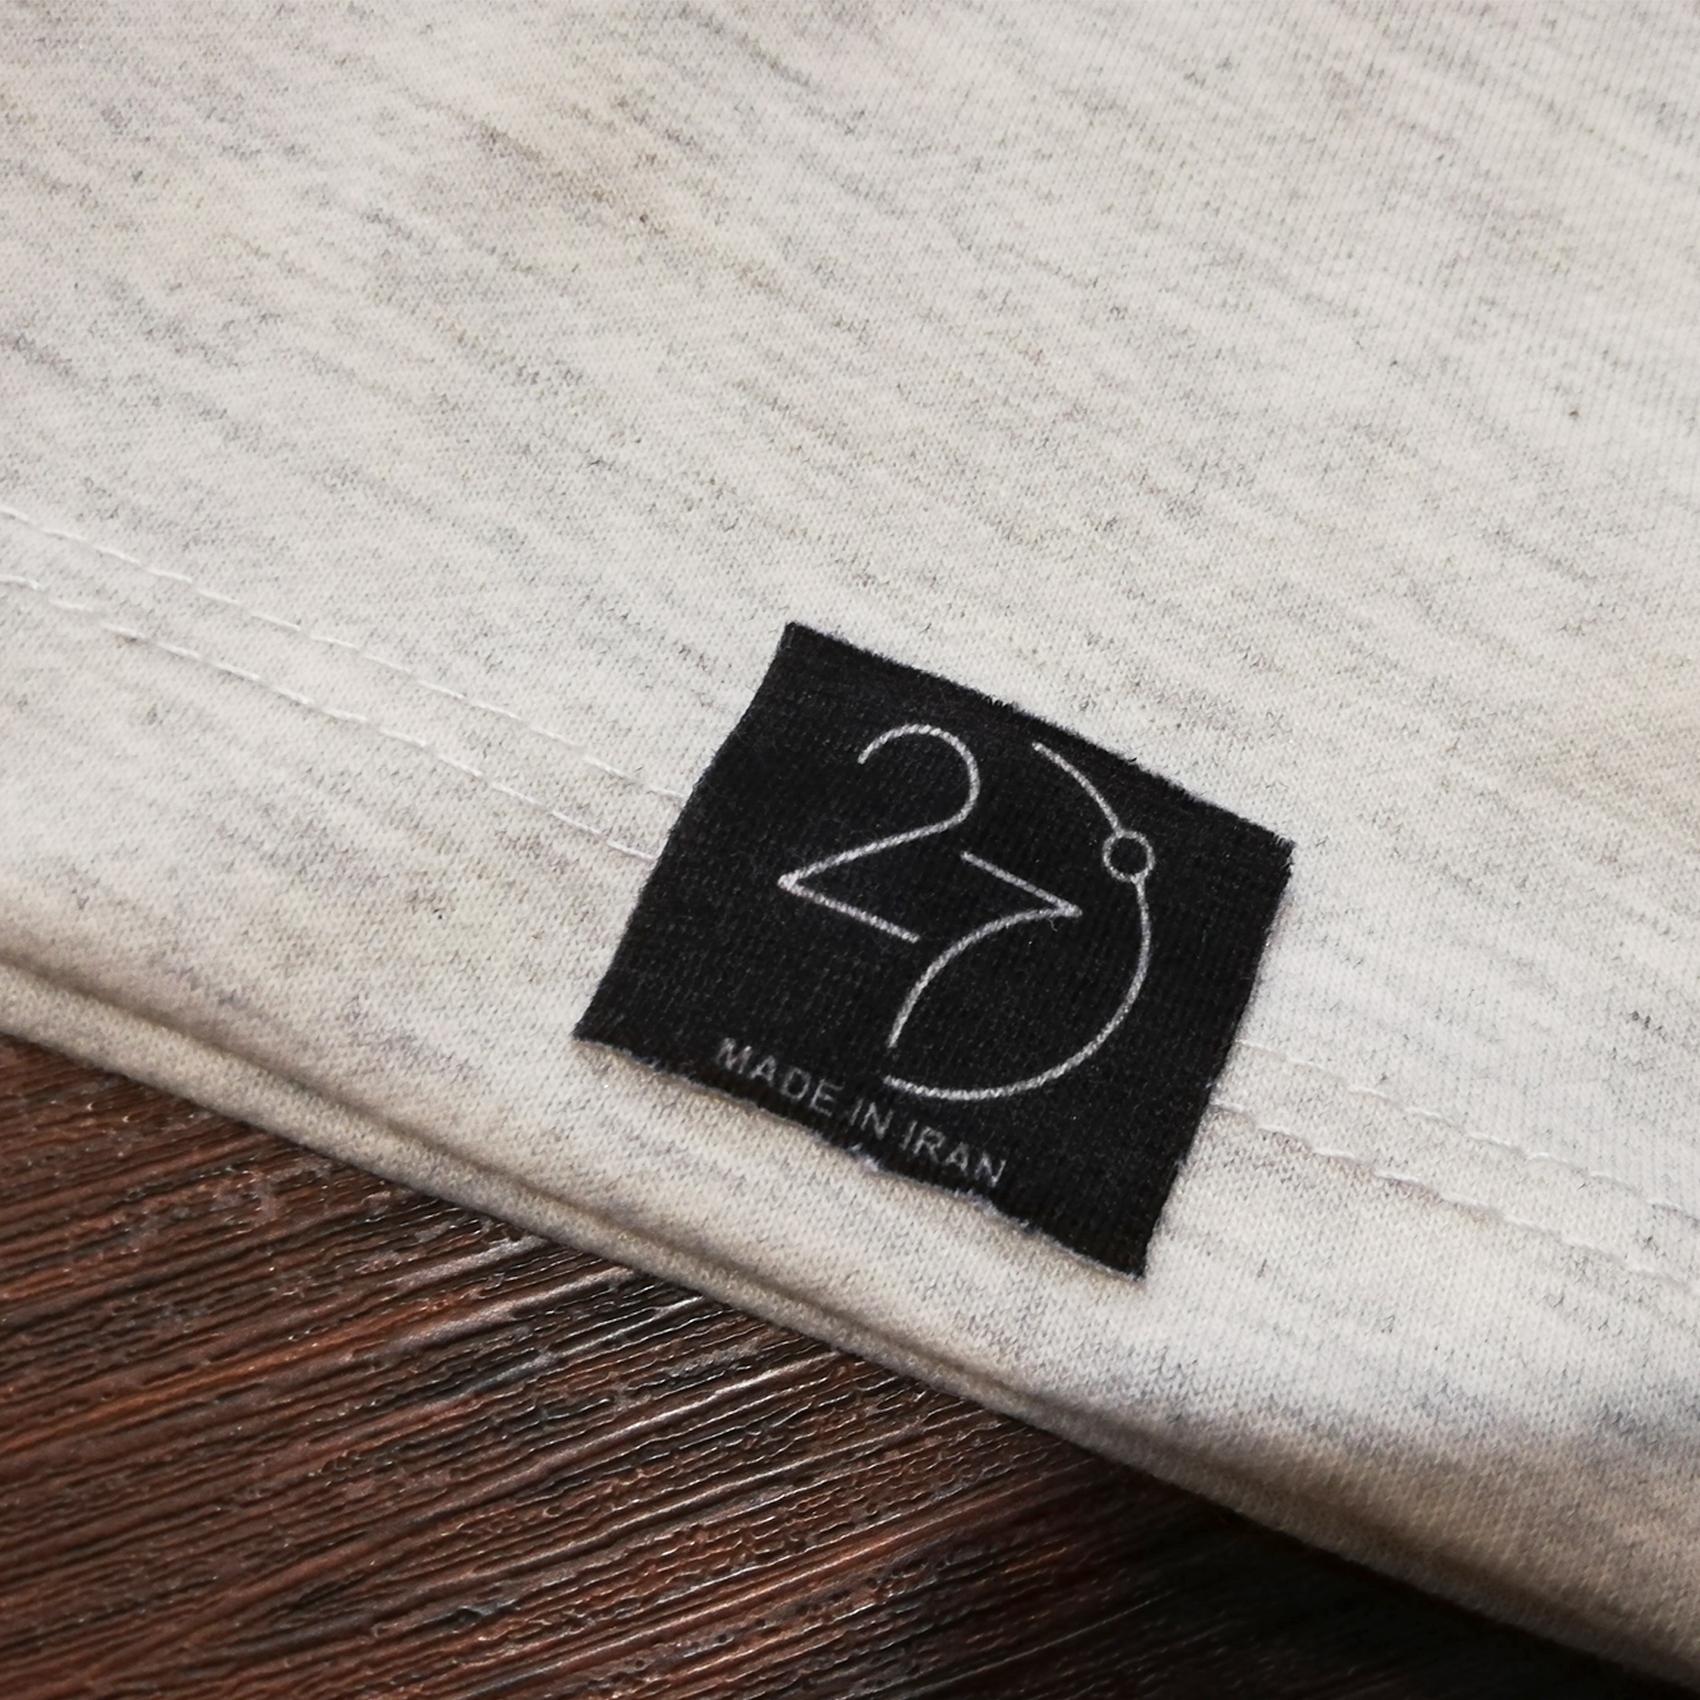 تیشرت مردانه 27 طرح هشت پا کد J10 -  - 3